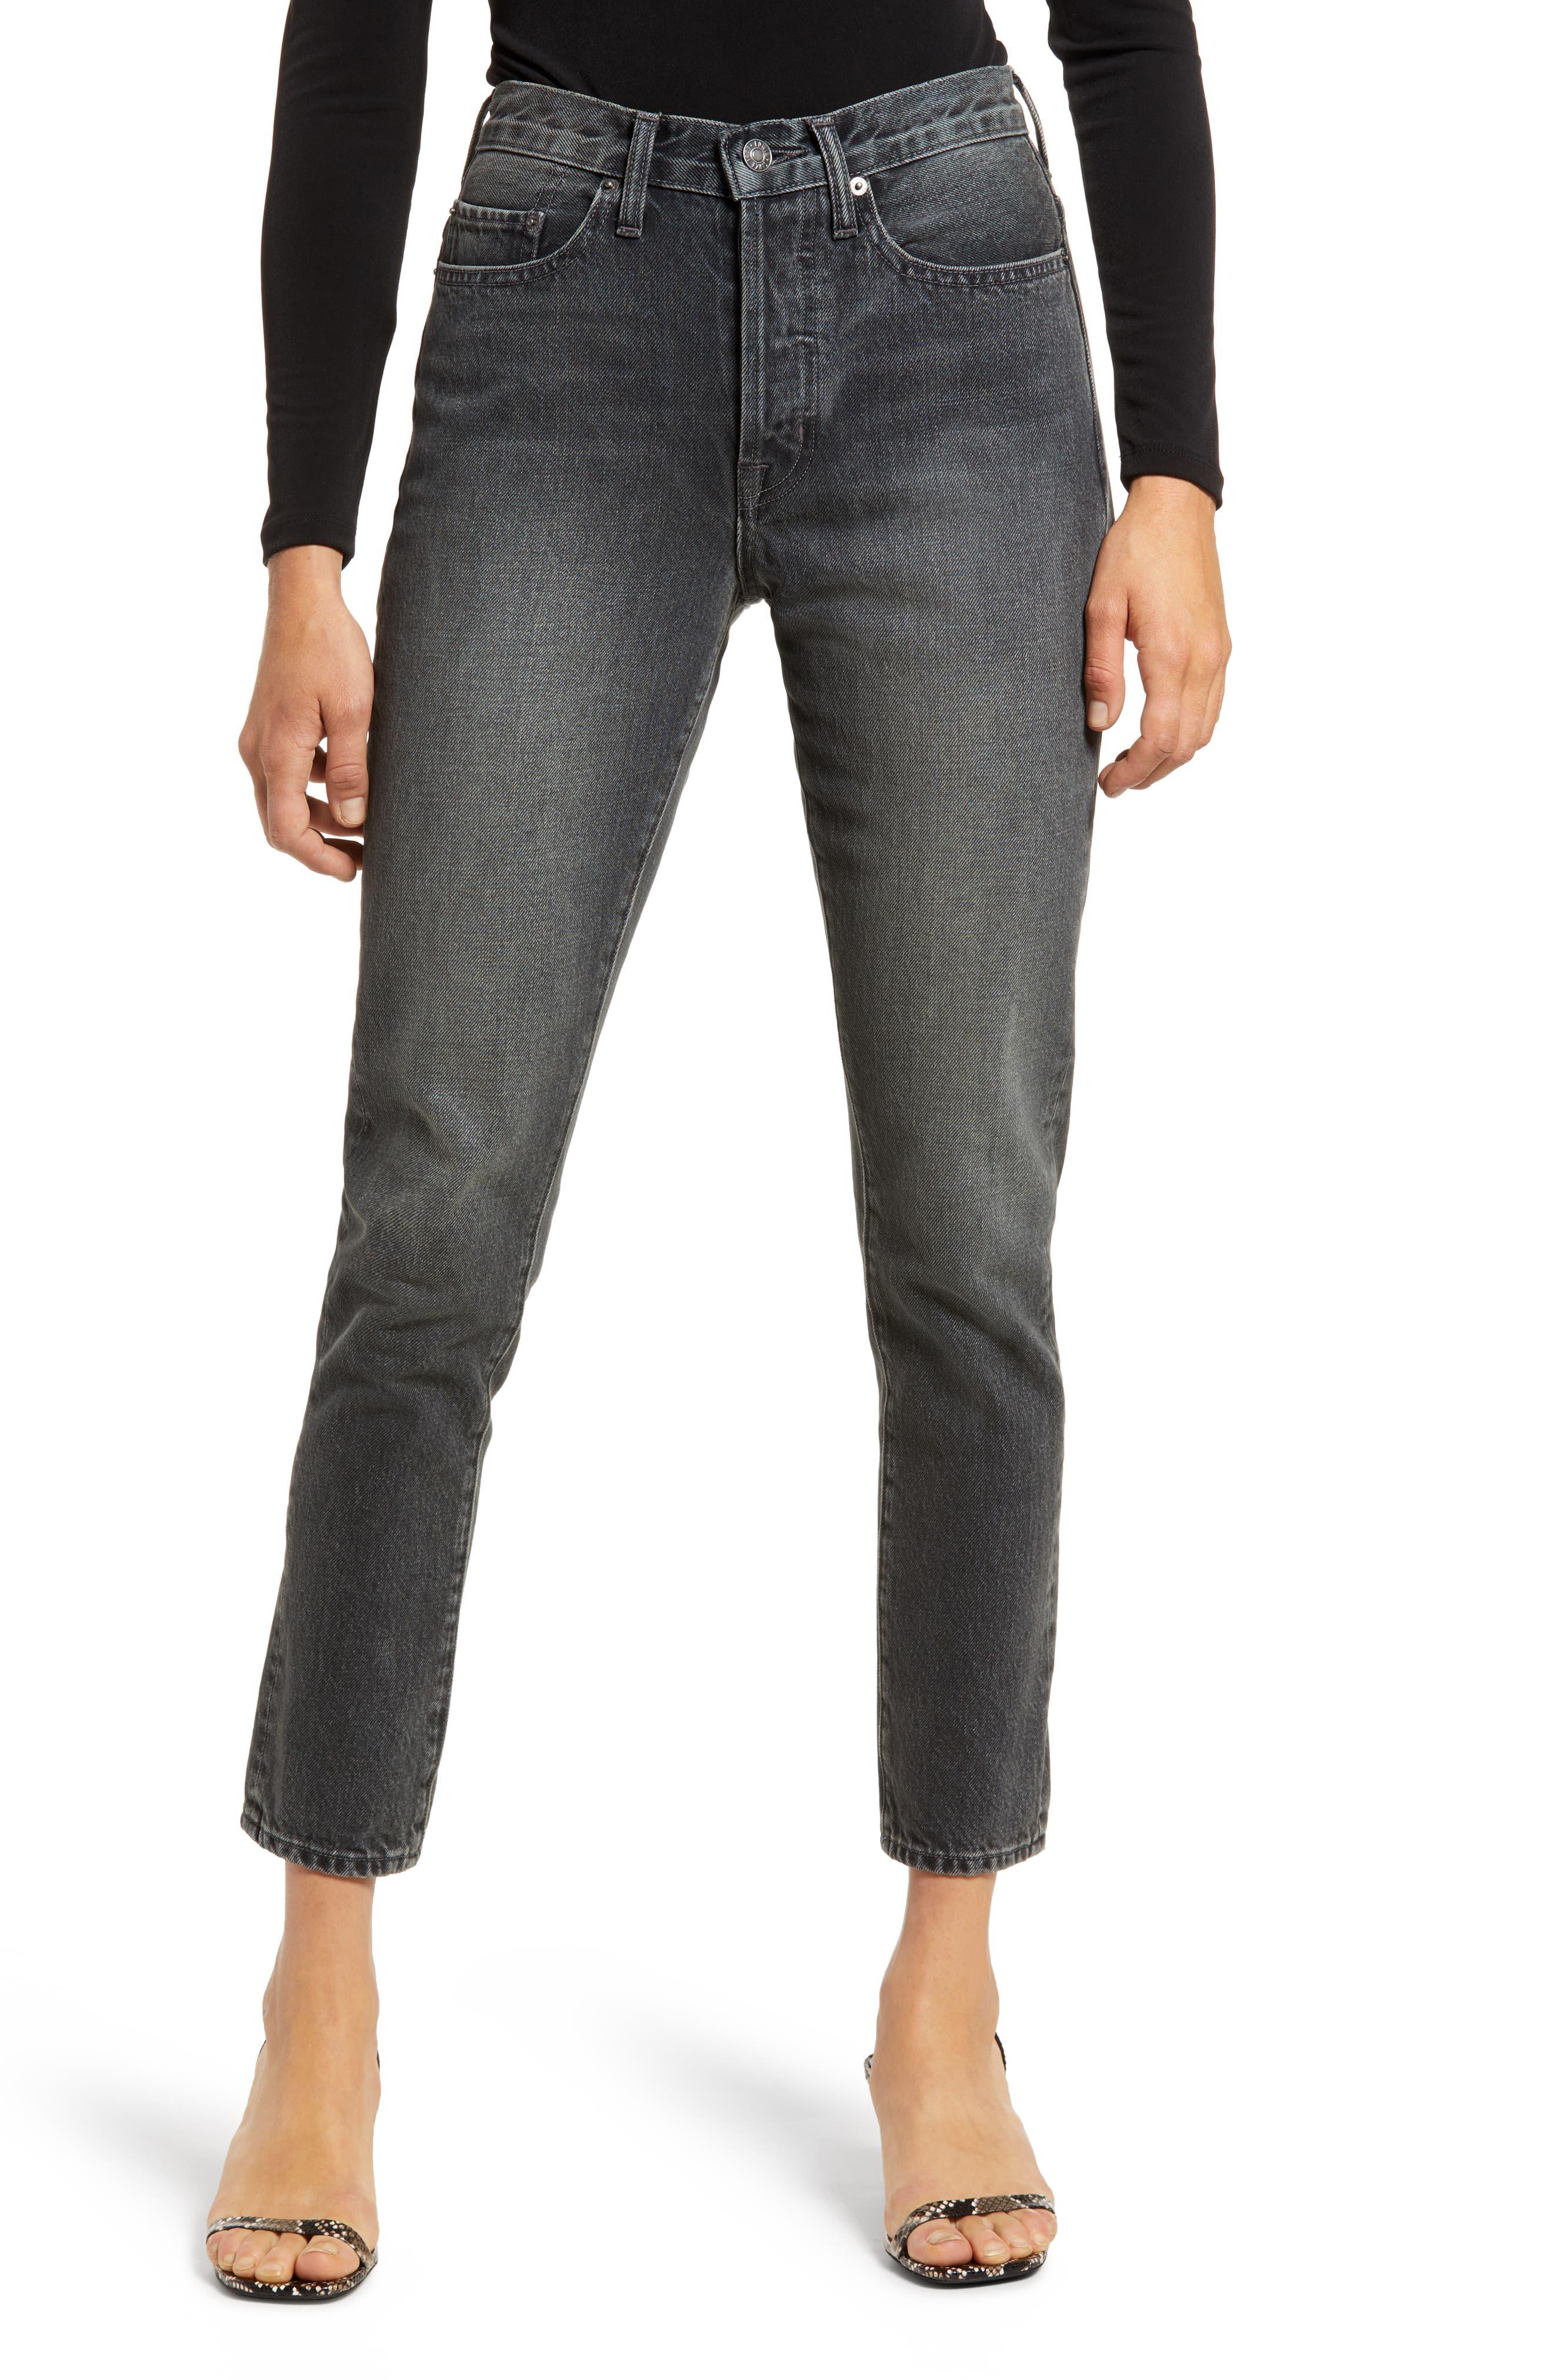 Hana High Waist Crop Straight Leg Jeans